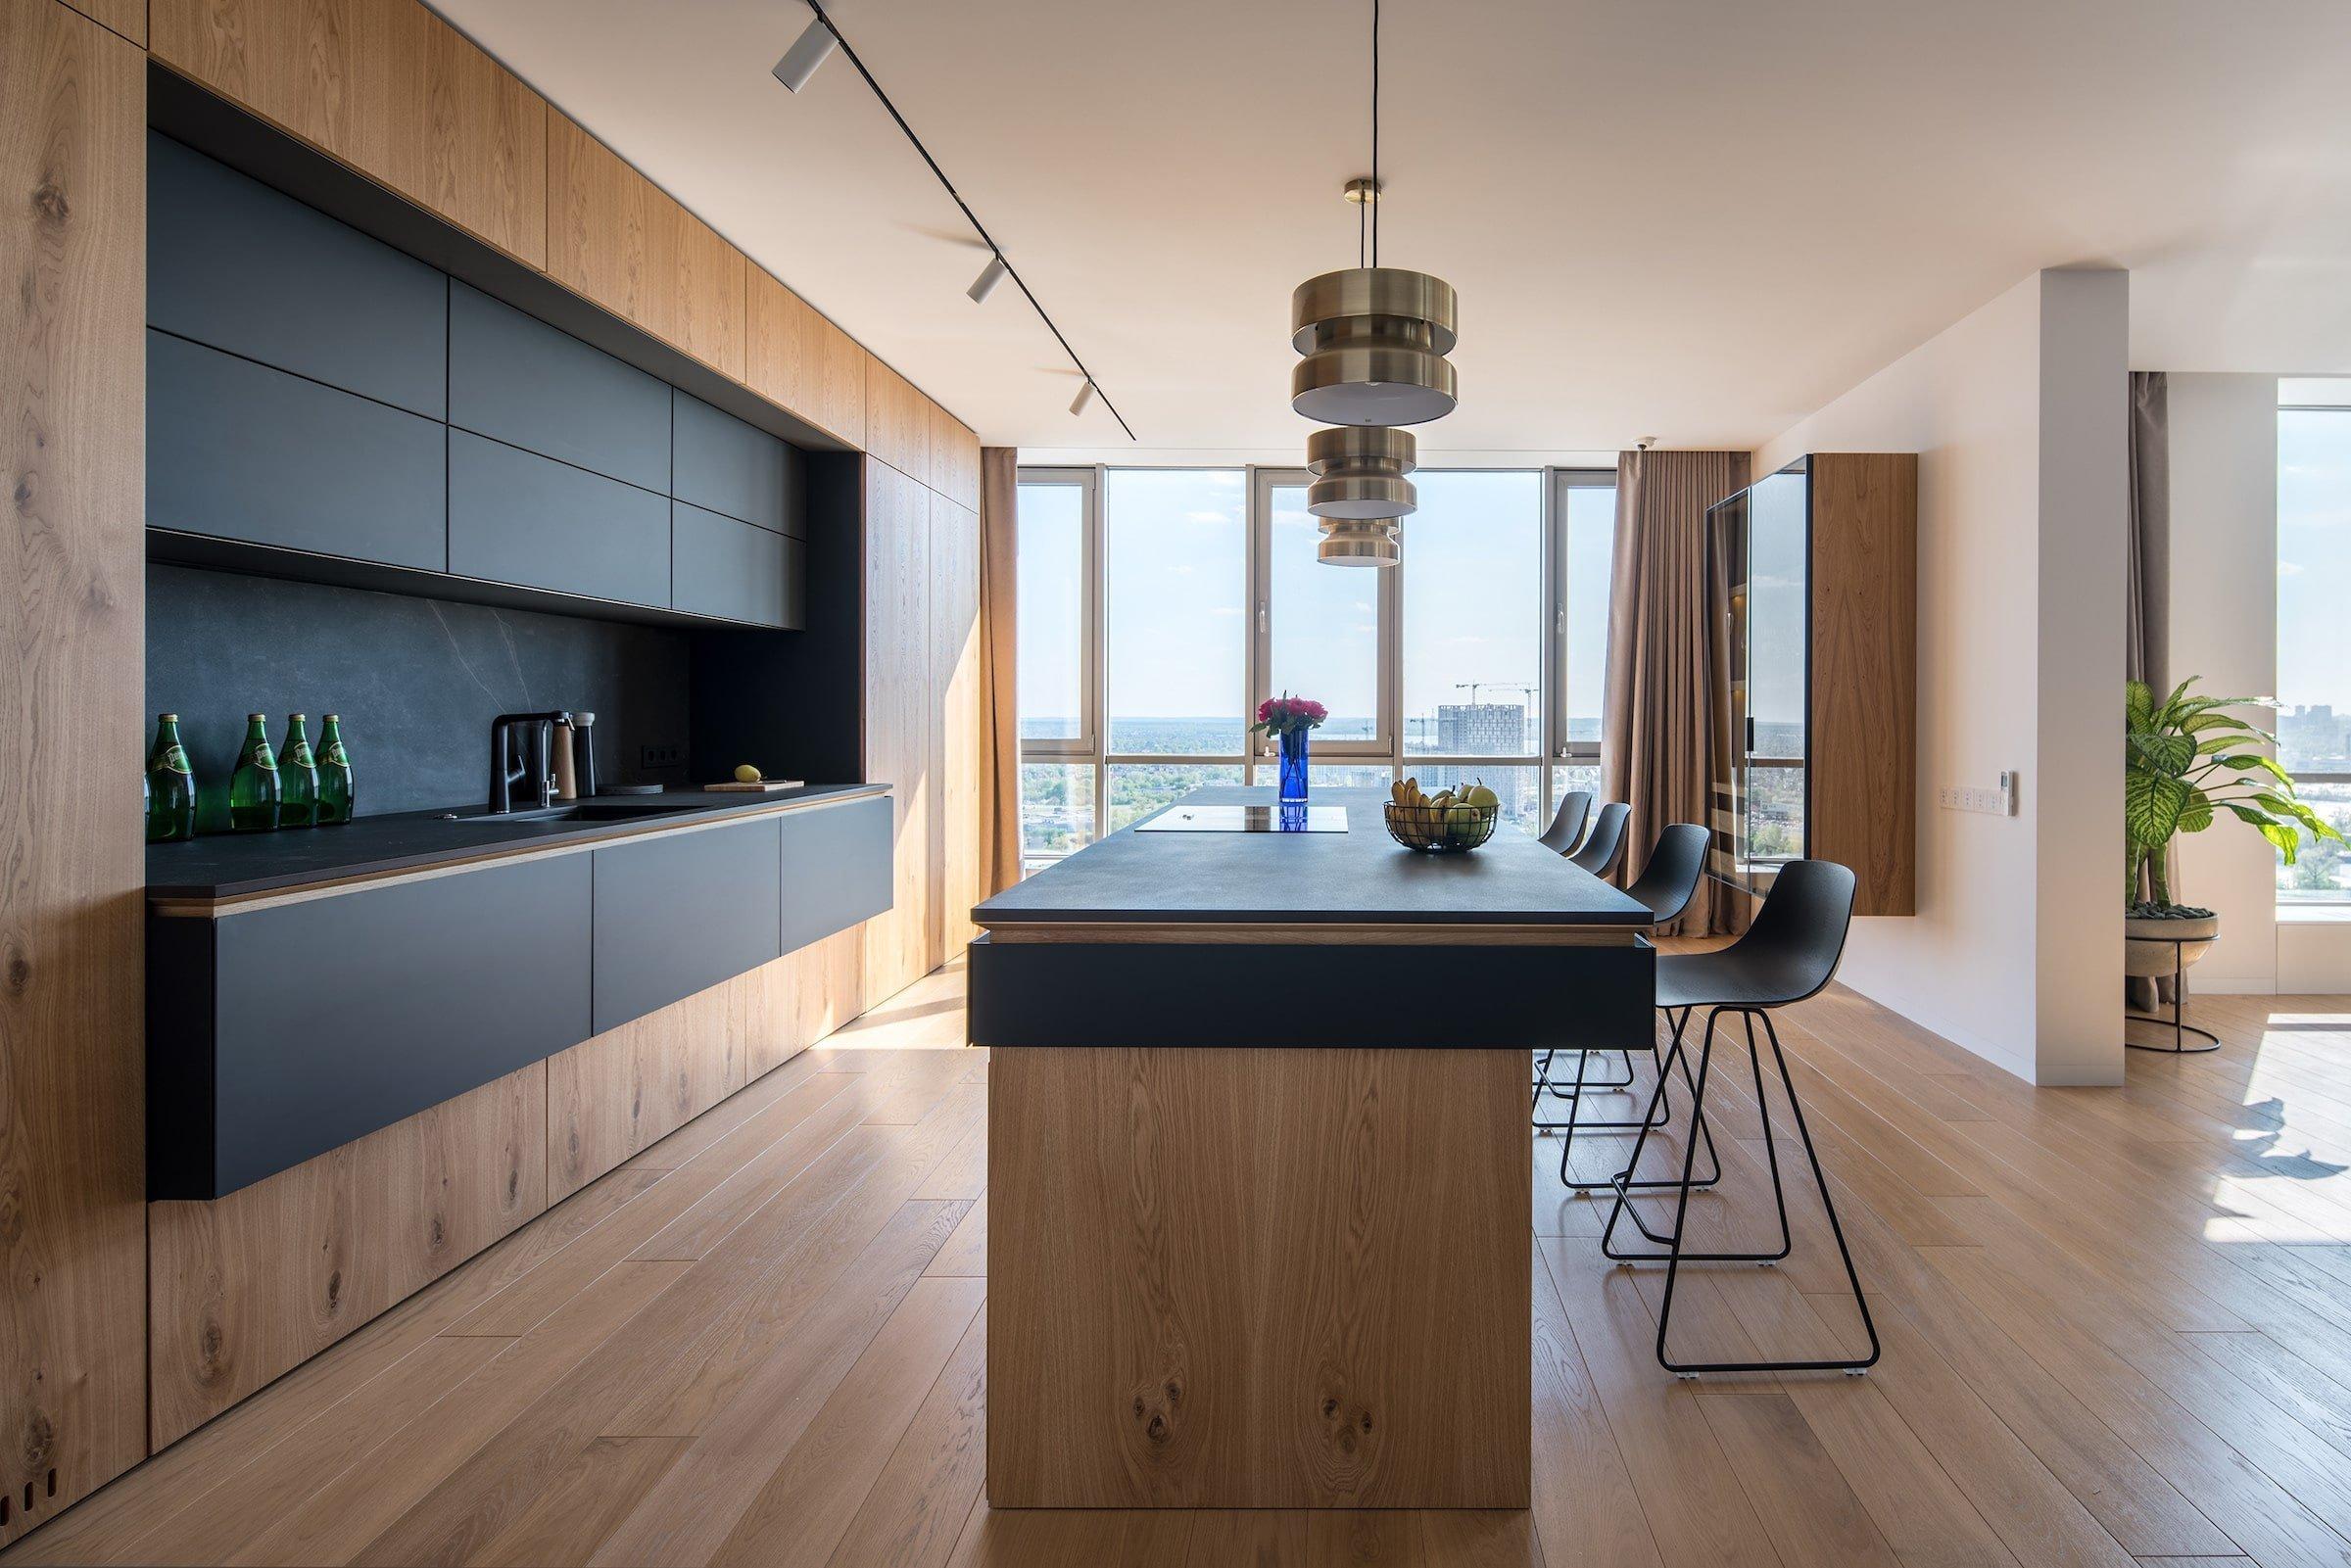 Tento moderní, elegantní apartmán ideální pro život mladých rodin se nachází v rezidenčním komplexu River Stone v Kyjevě. Interiér bytu byl navržen interiérovým studiem ZOOI, které kladlo důraz na vzdušnost, dostatek světla i čisté linie.